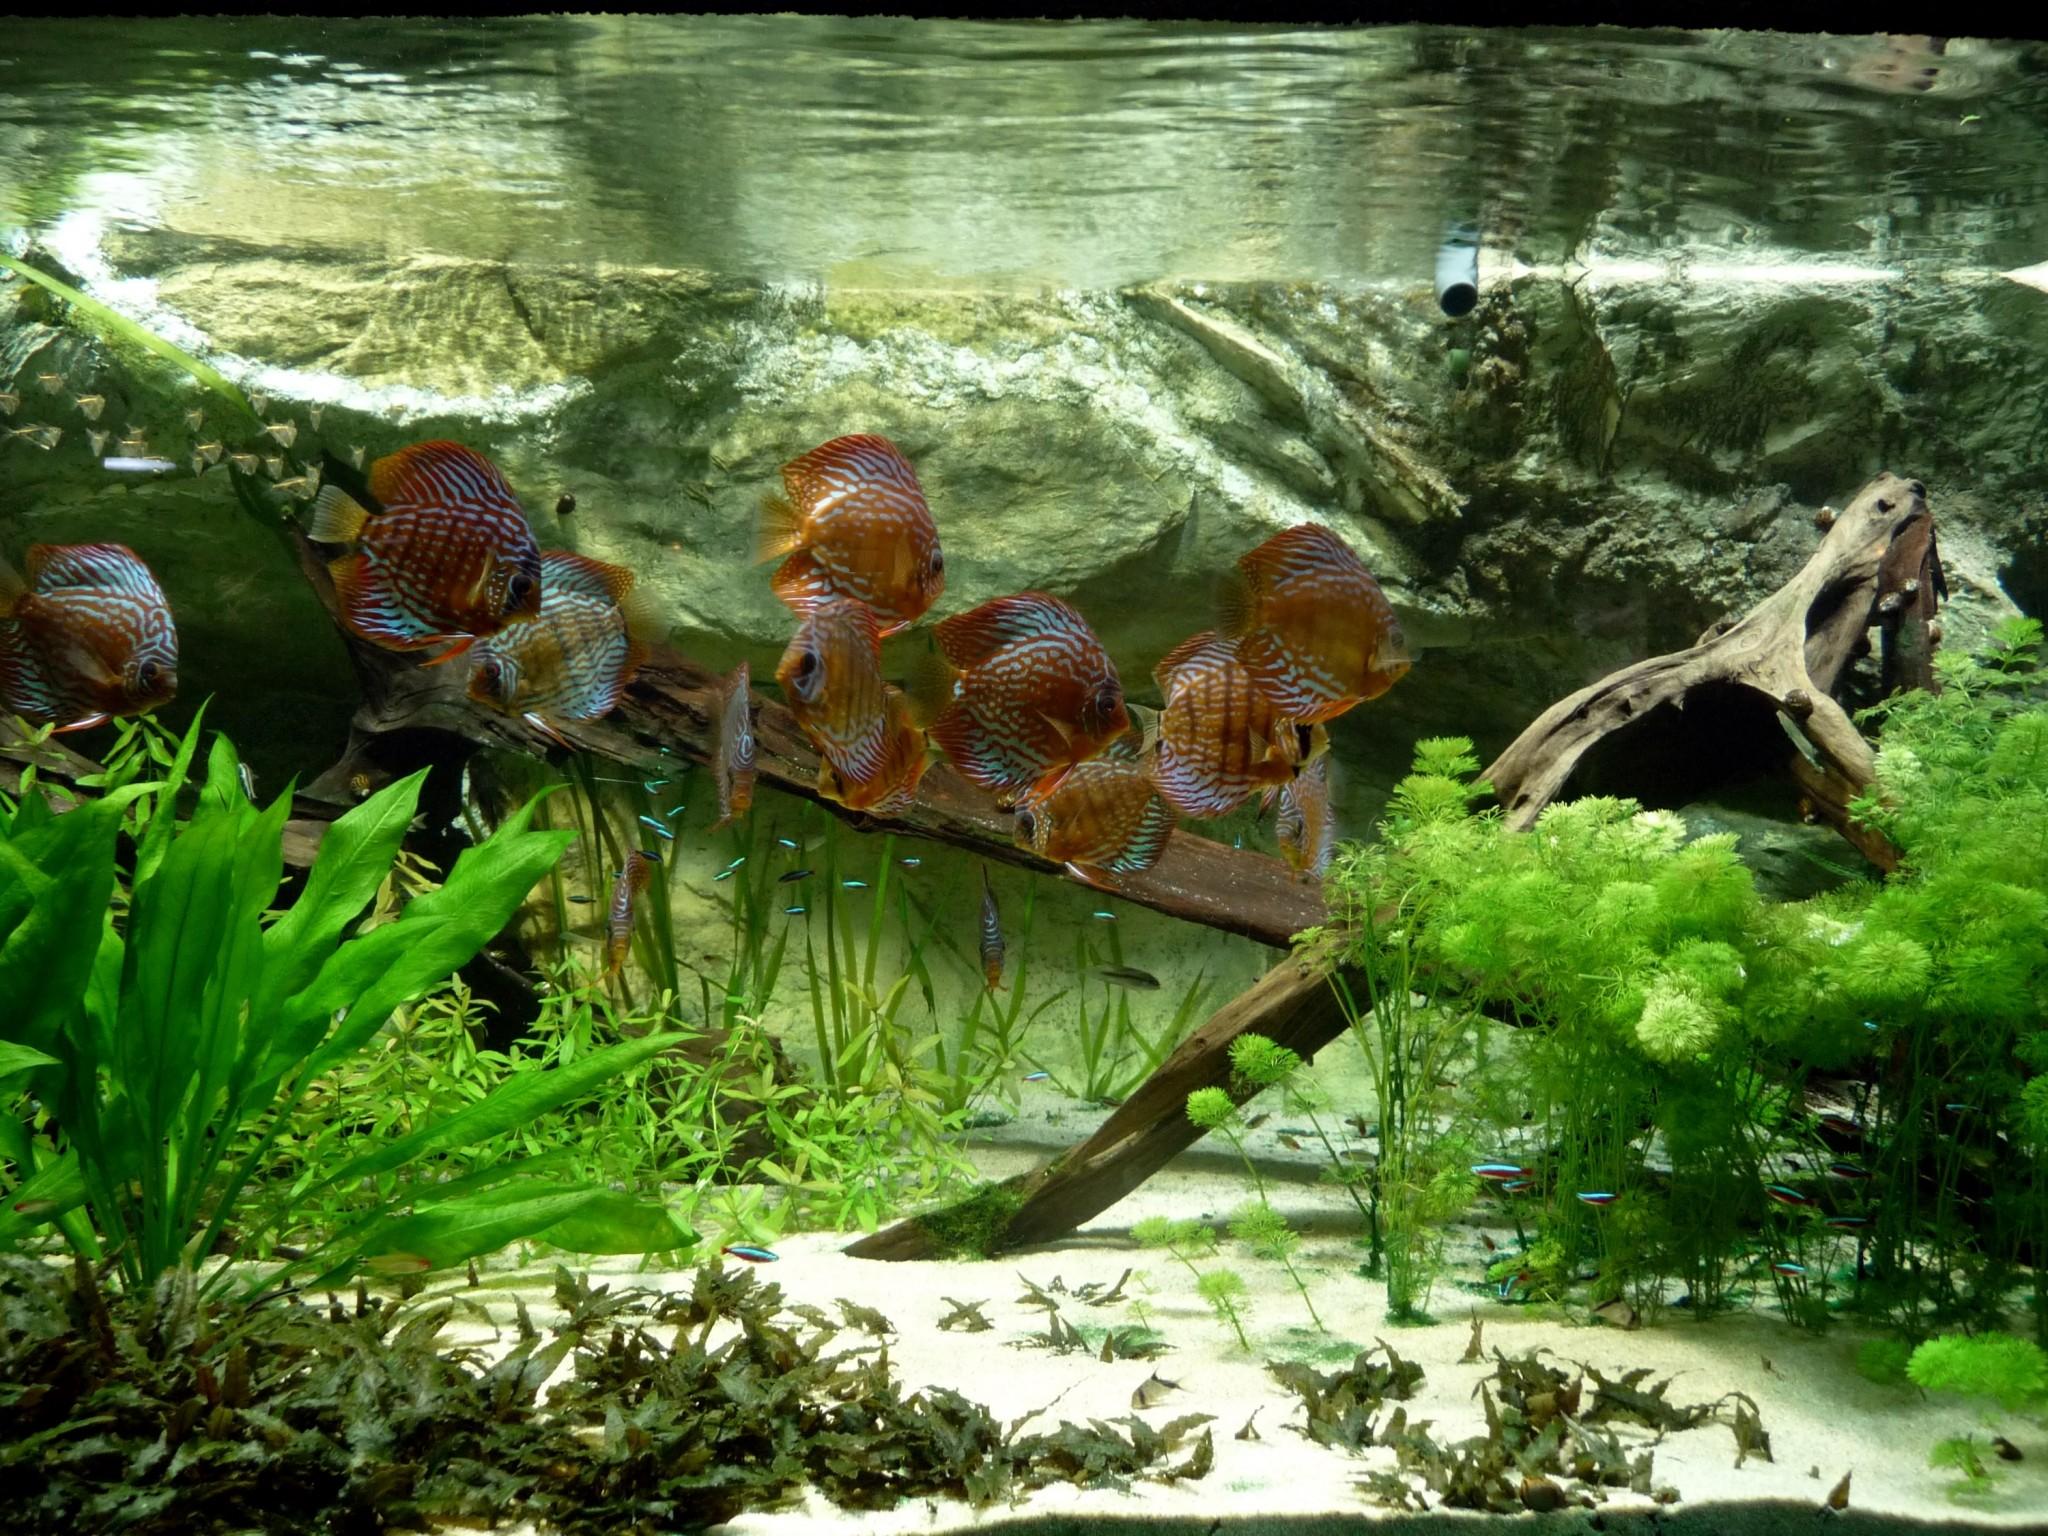 aquarium wallpaper desktop